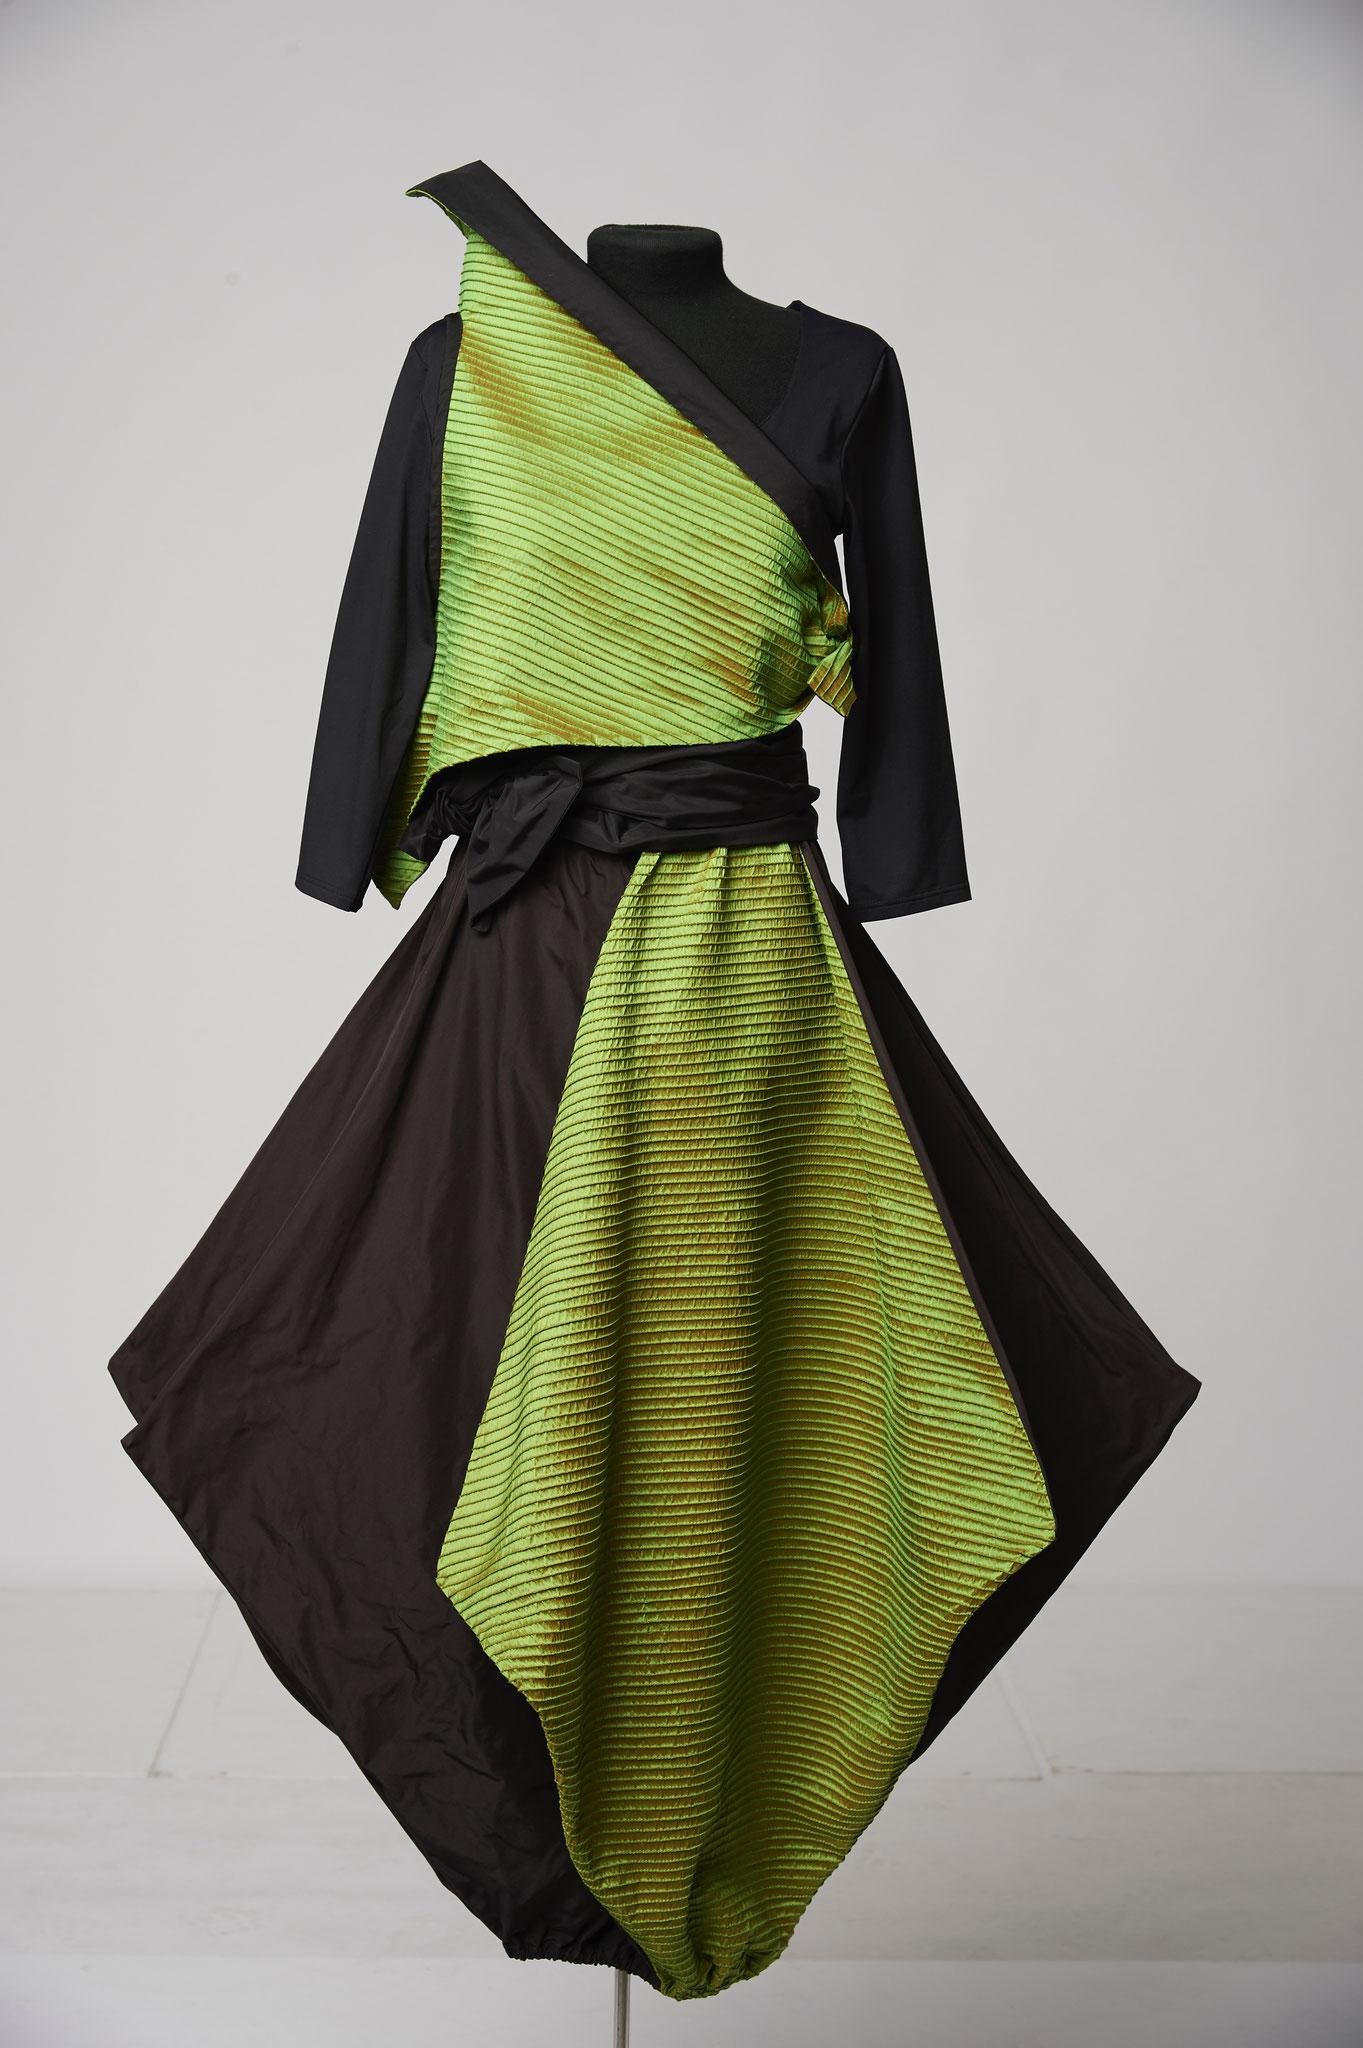 3-teiliges Outfit: Oberteil, Rock und Schärpe. Material: Seide/ Mikrofaser